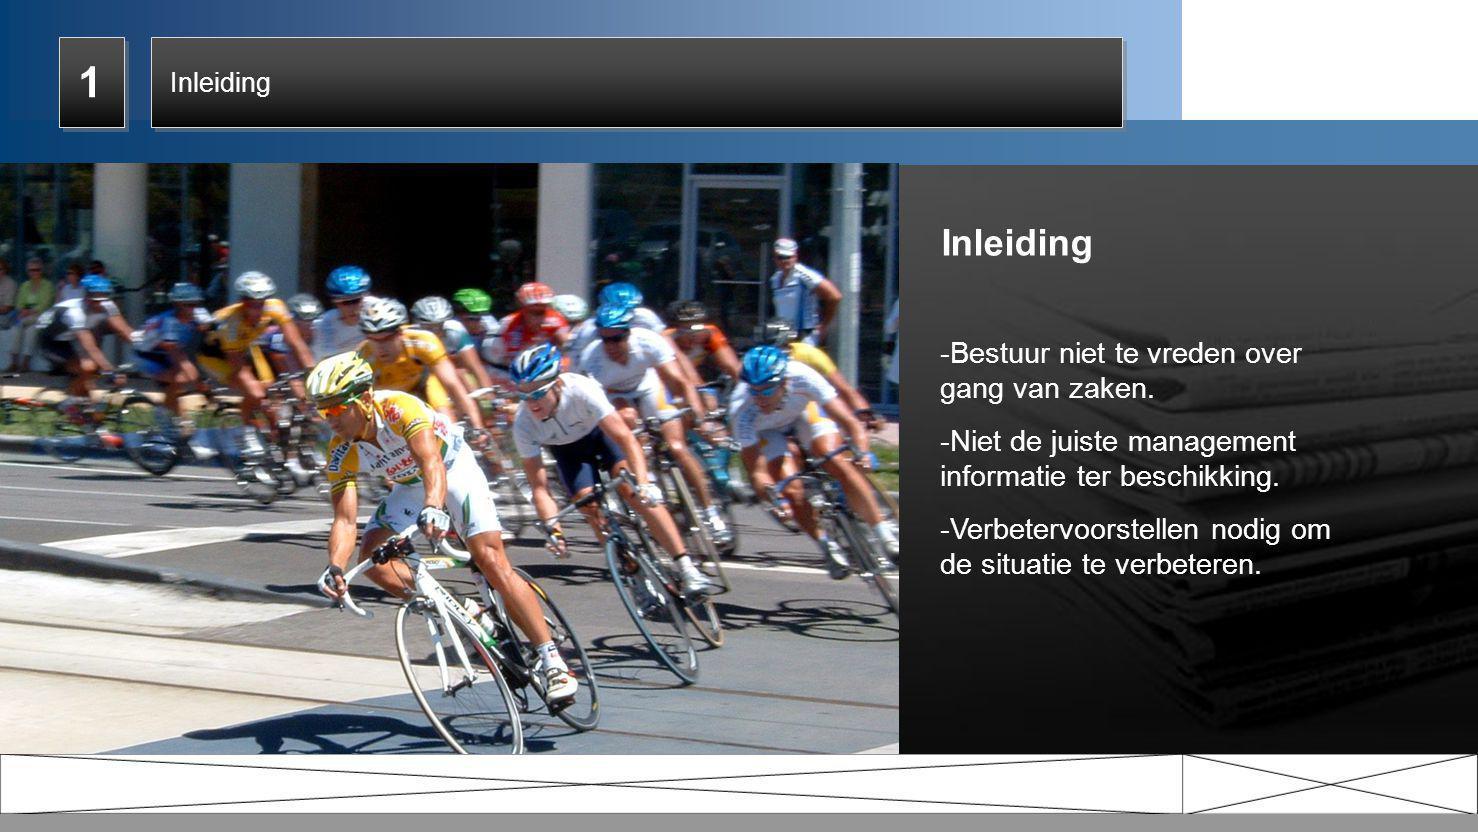 2.12.1 2.12.1 Huidige situatie • Wielerbond organiseert wielerwedstrijden; • 7-daags evenement.